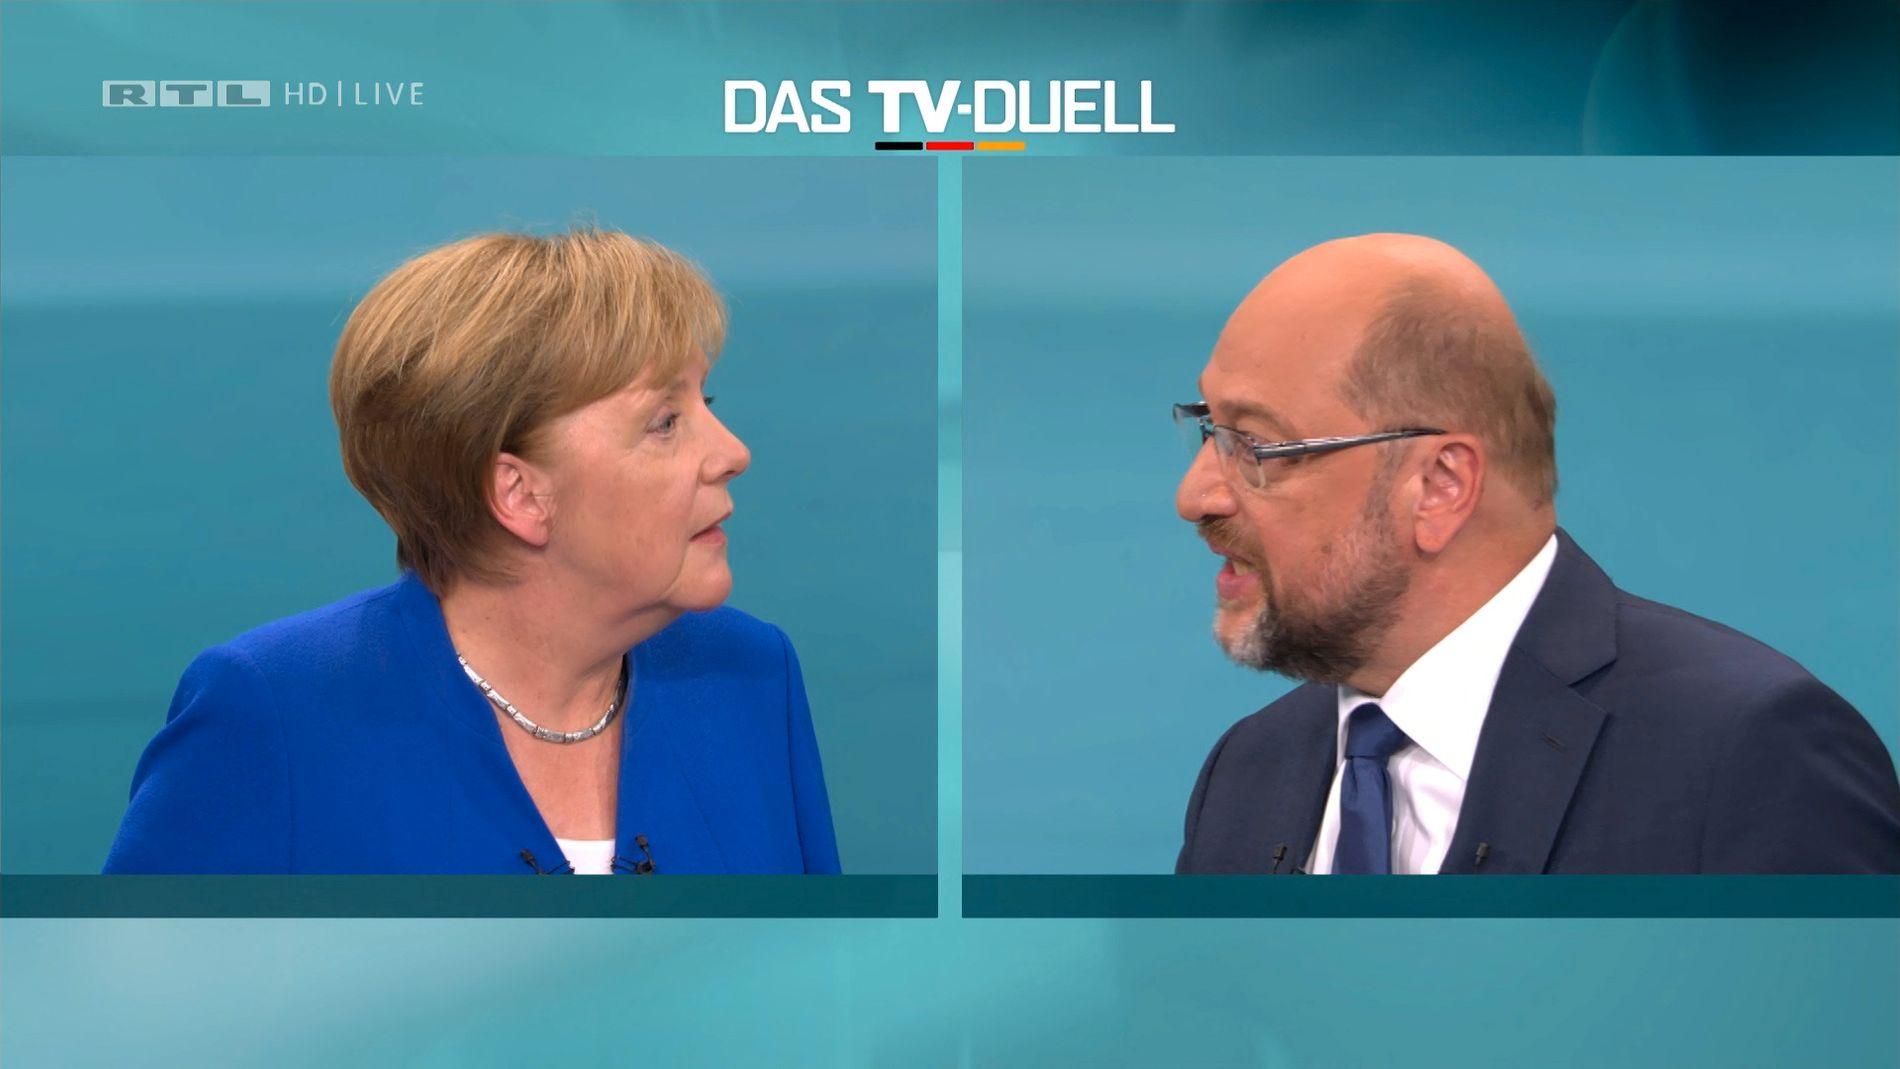 EN MOT EN: Tysklands forbundskansler Angela Merkel (CDU) og eks-president i Europaparlamentet Martin Schulz (SPD) møttes til den tyske valgkampens eneste TV-sendte debatt på søndag. Tyskerne går til valgurnene 24. september.